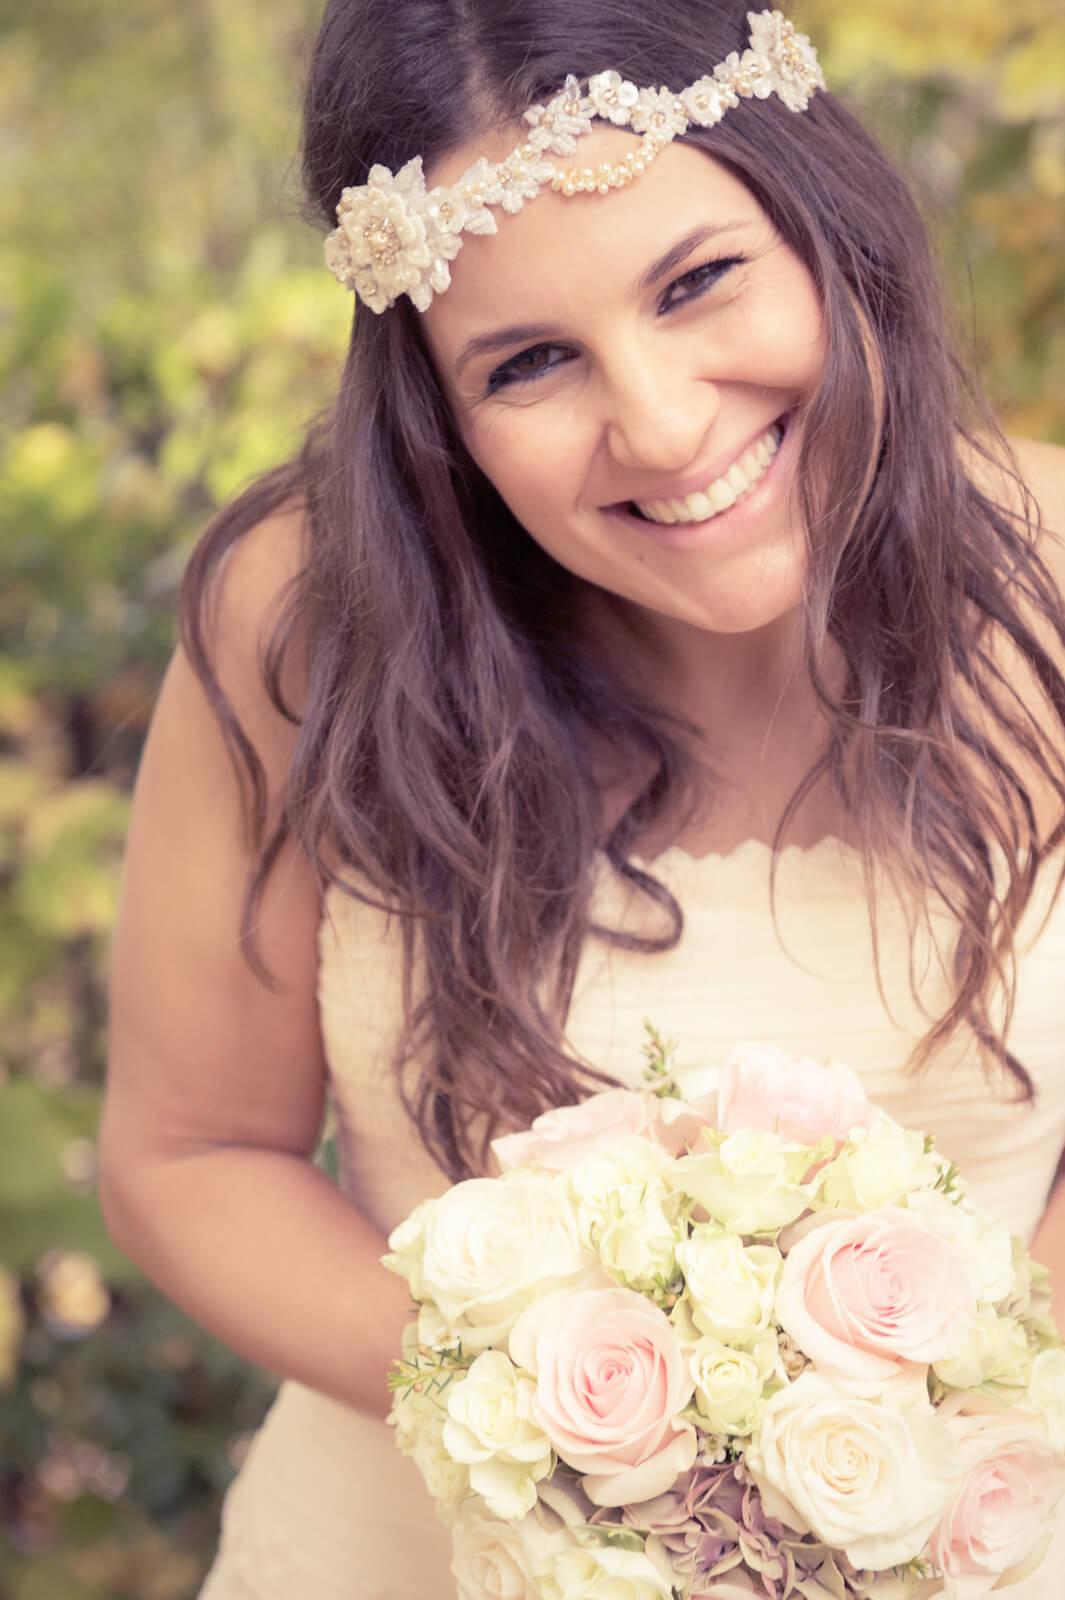 Hochzeit Bohostyle Landsberg - Portrait der strahlenden Braut